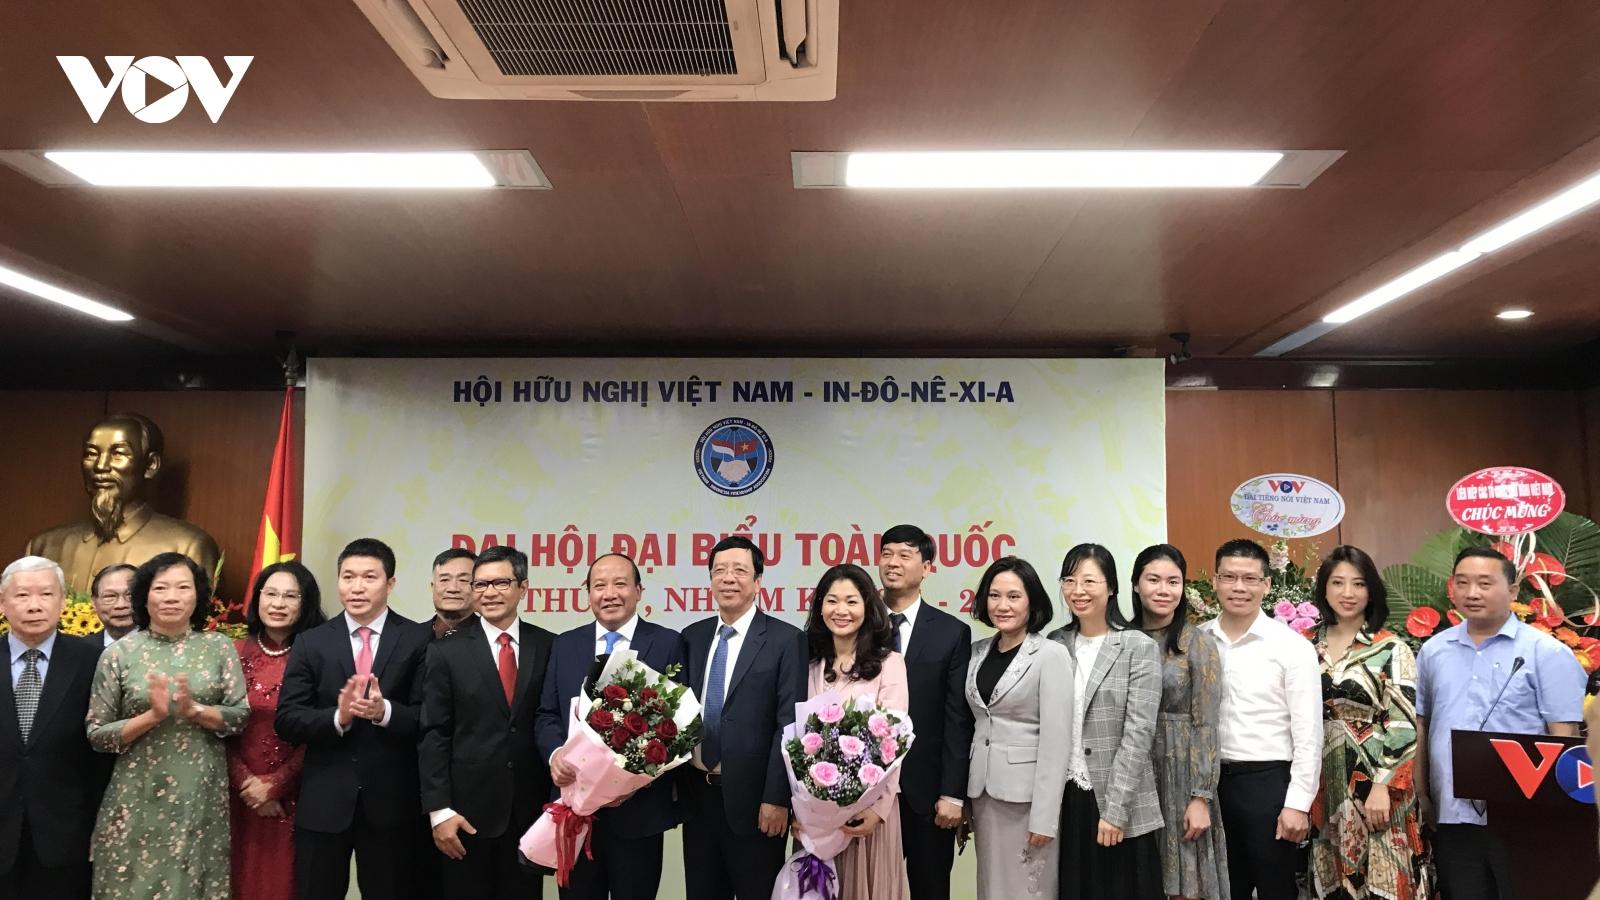 Hội hữu nghị Việt Nam-Indonesia đổi mới hoạt động trong nhiệm kỳ mới